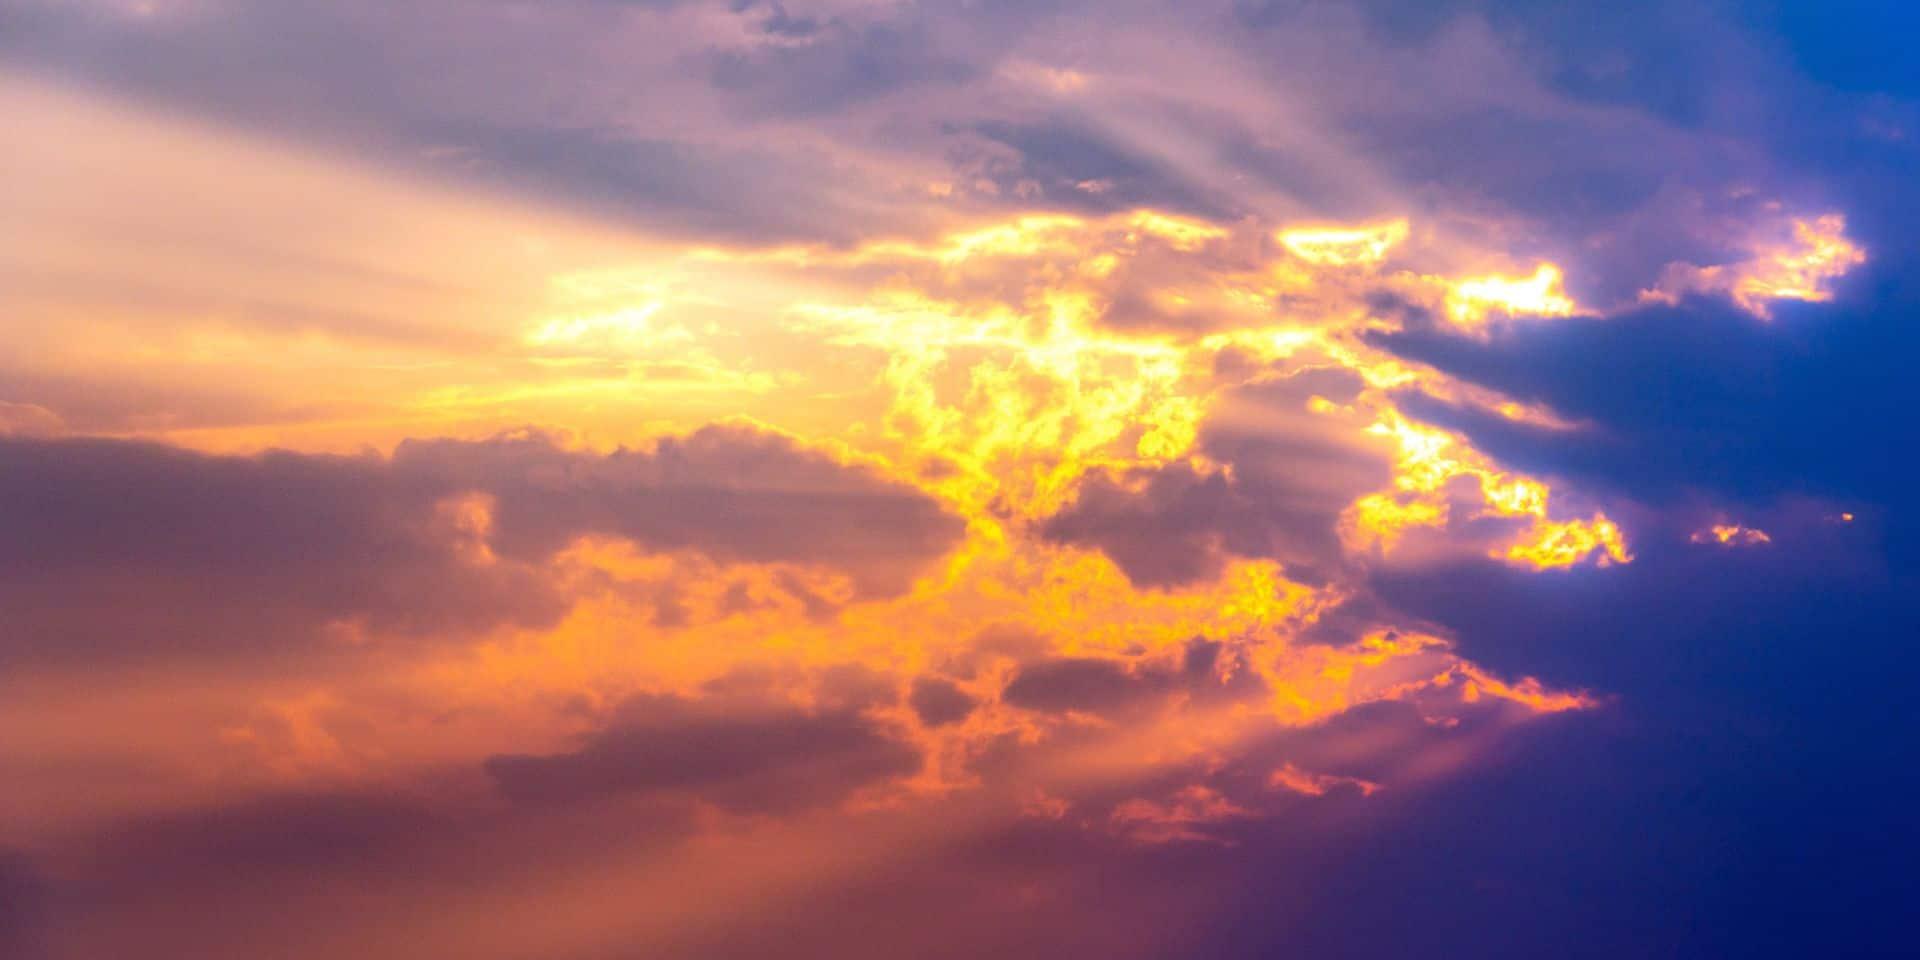 Météo: temps frais et ciel changeant